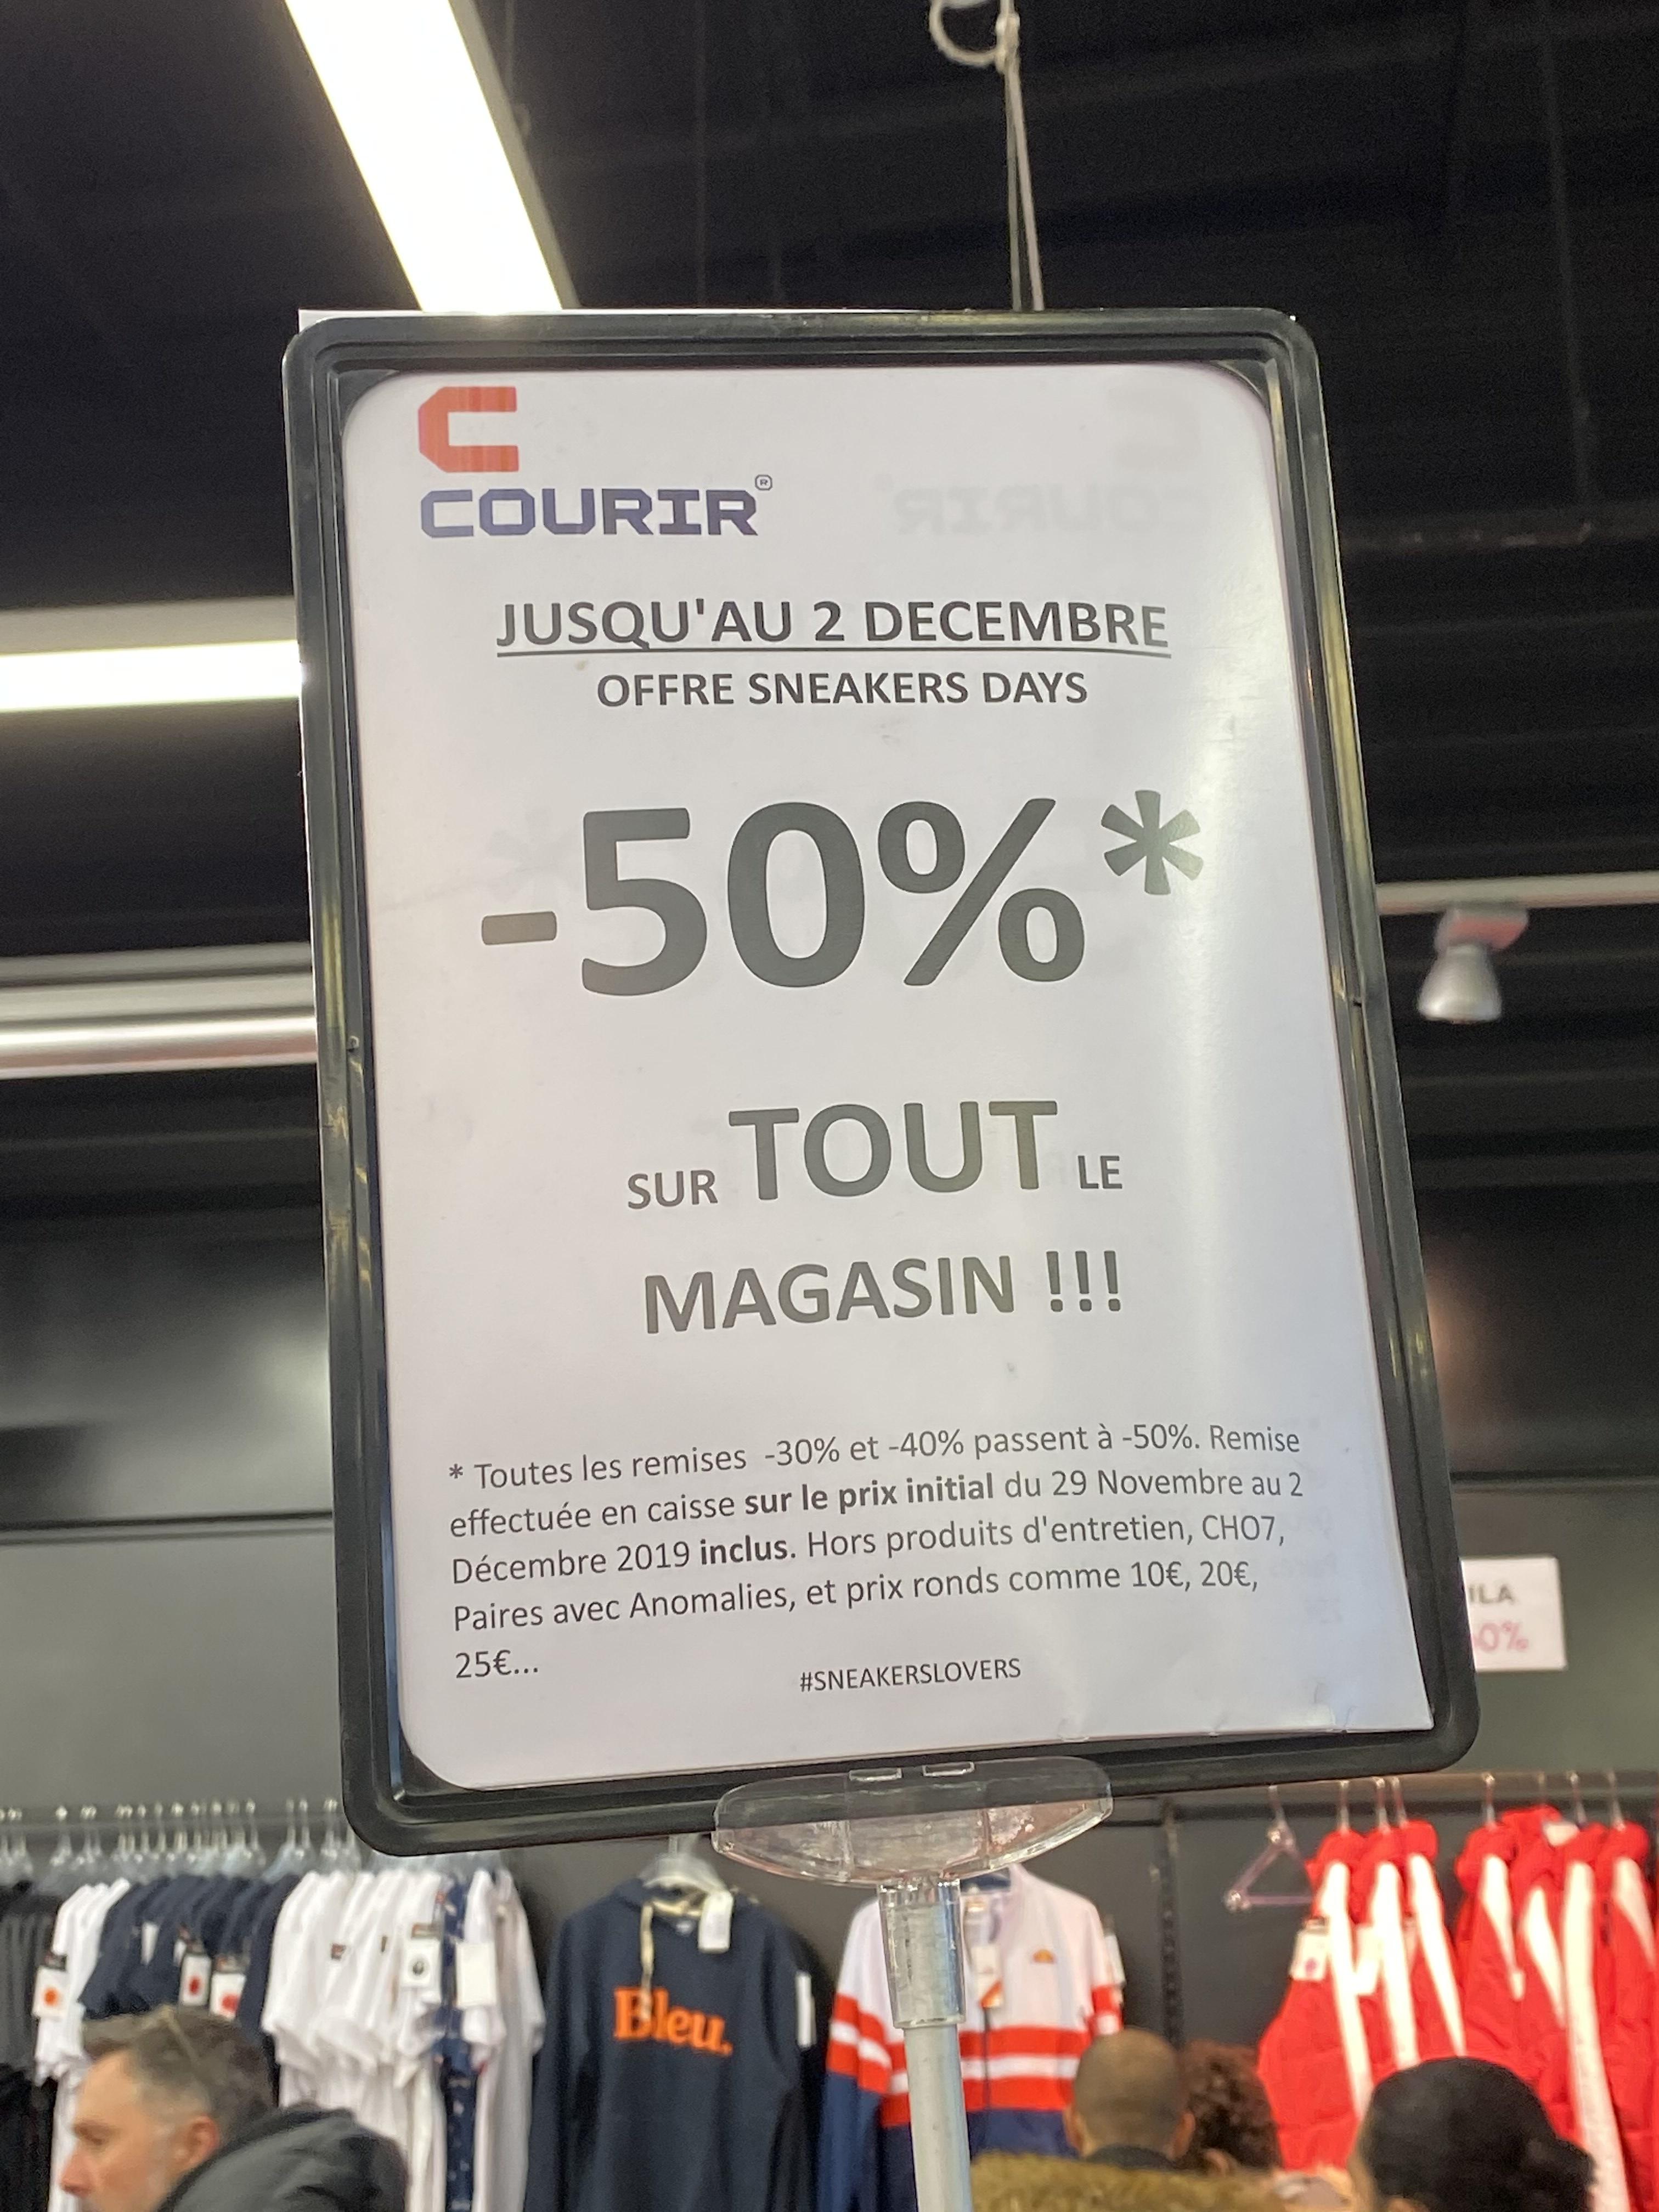 50% de réduction sur tout le magasin (Hors exceptions) - Courir Saint Genevieve (91)